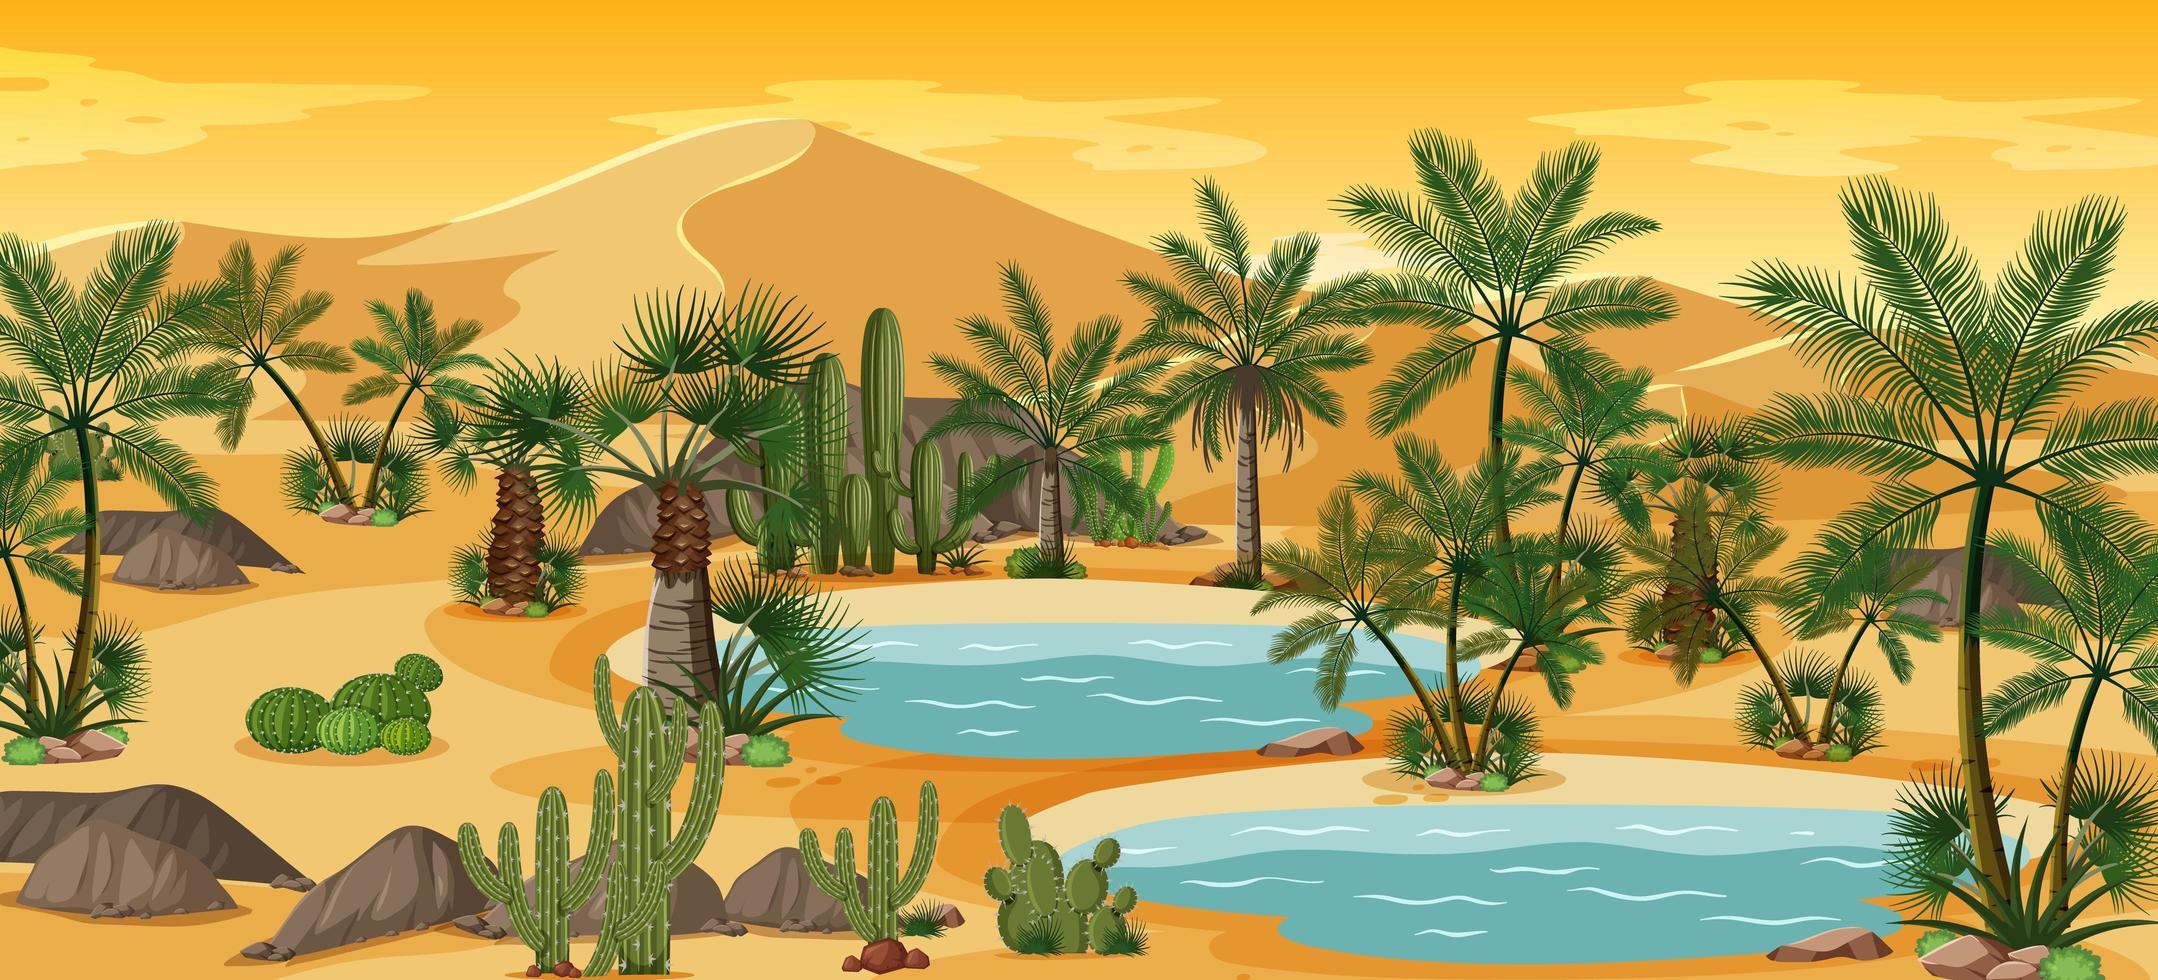 oasi nel deserto con palme e scena di paesaggio naturale catus vettore